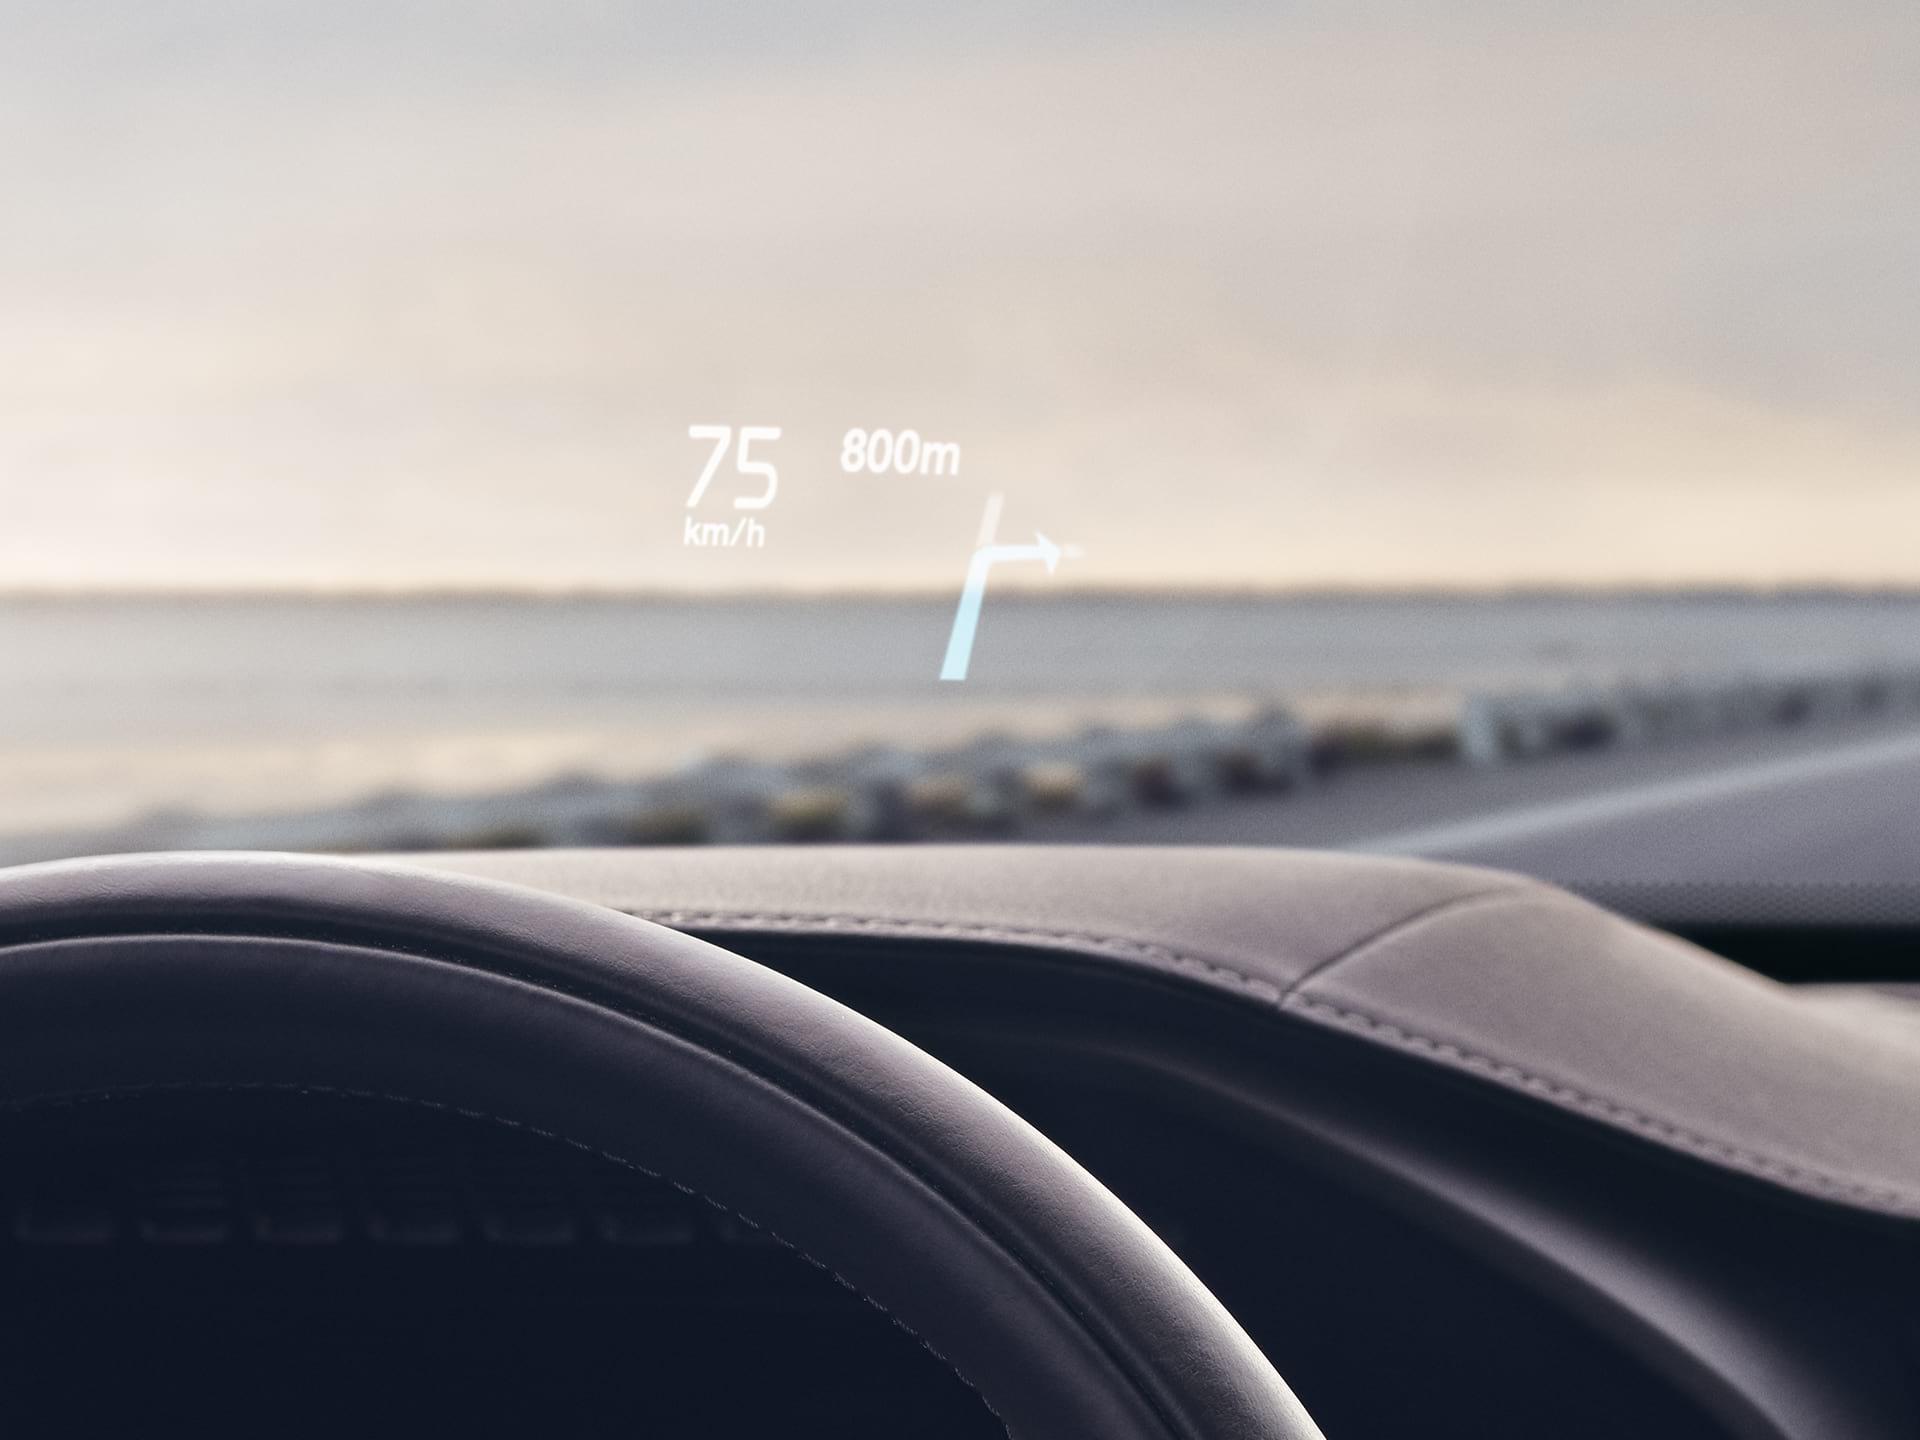 Binnenin een Volvo, waarbij de head-updisplay de rijsnelheid en navigatie op de voorruit weergeeft.